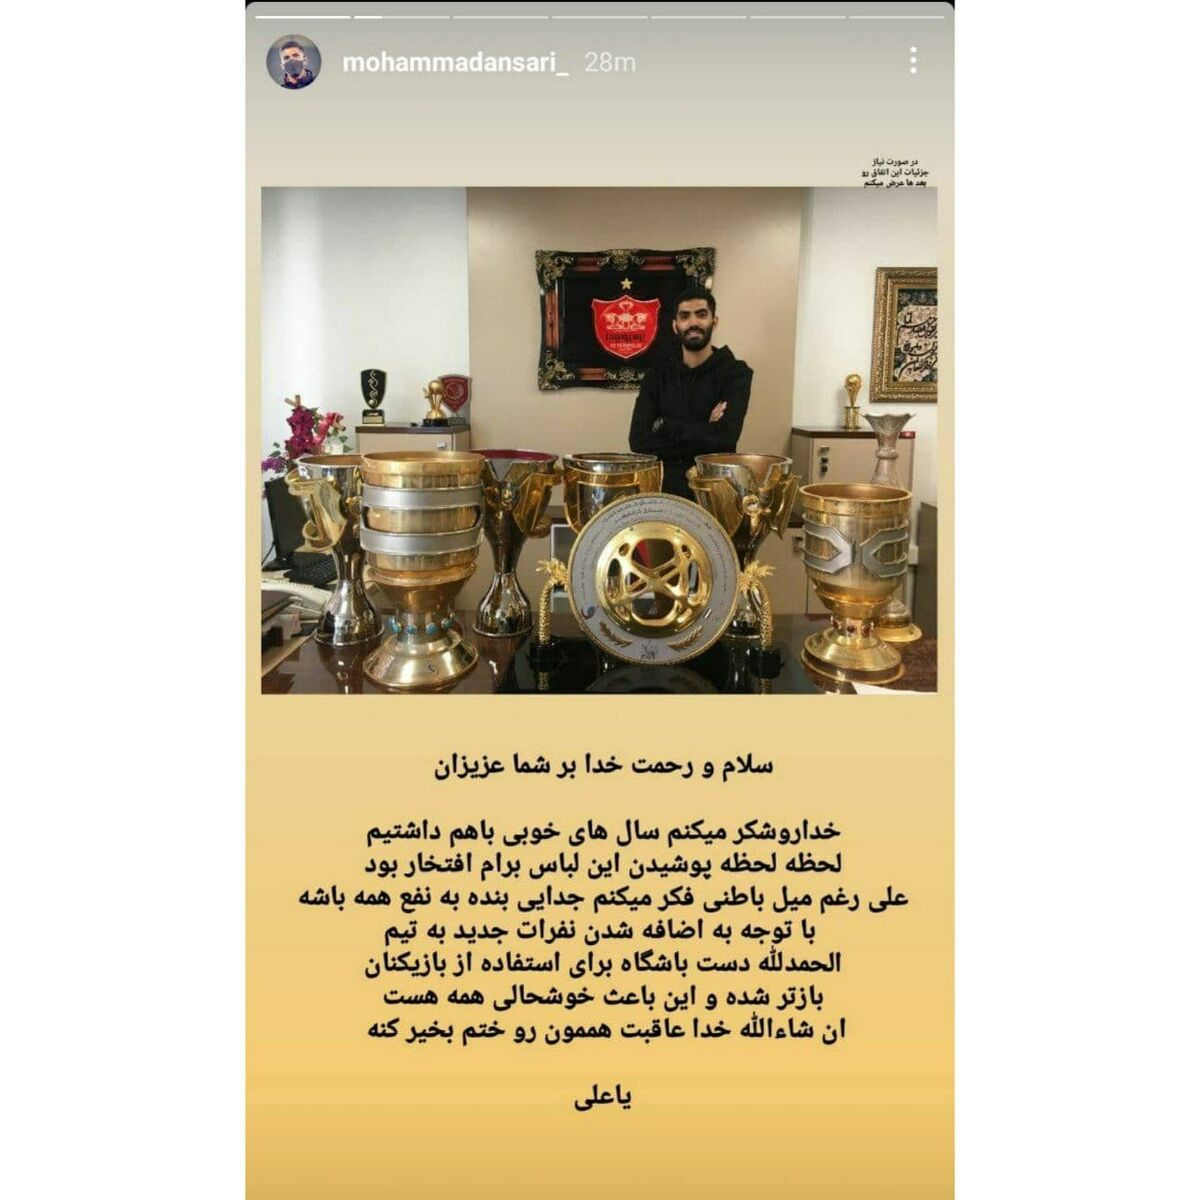 محمد انصاری سکوتش را شکست/ فکر میکنم جدایی از پرسپولیس به نفع همه باشد